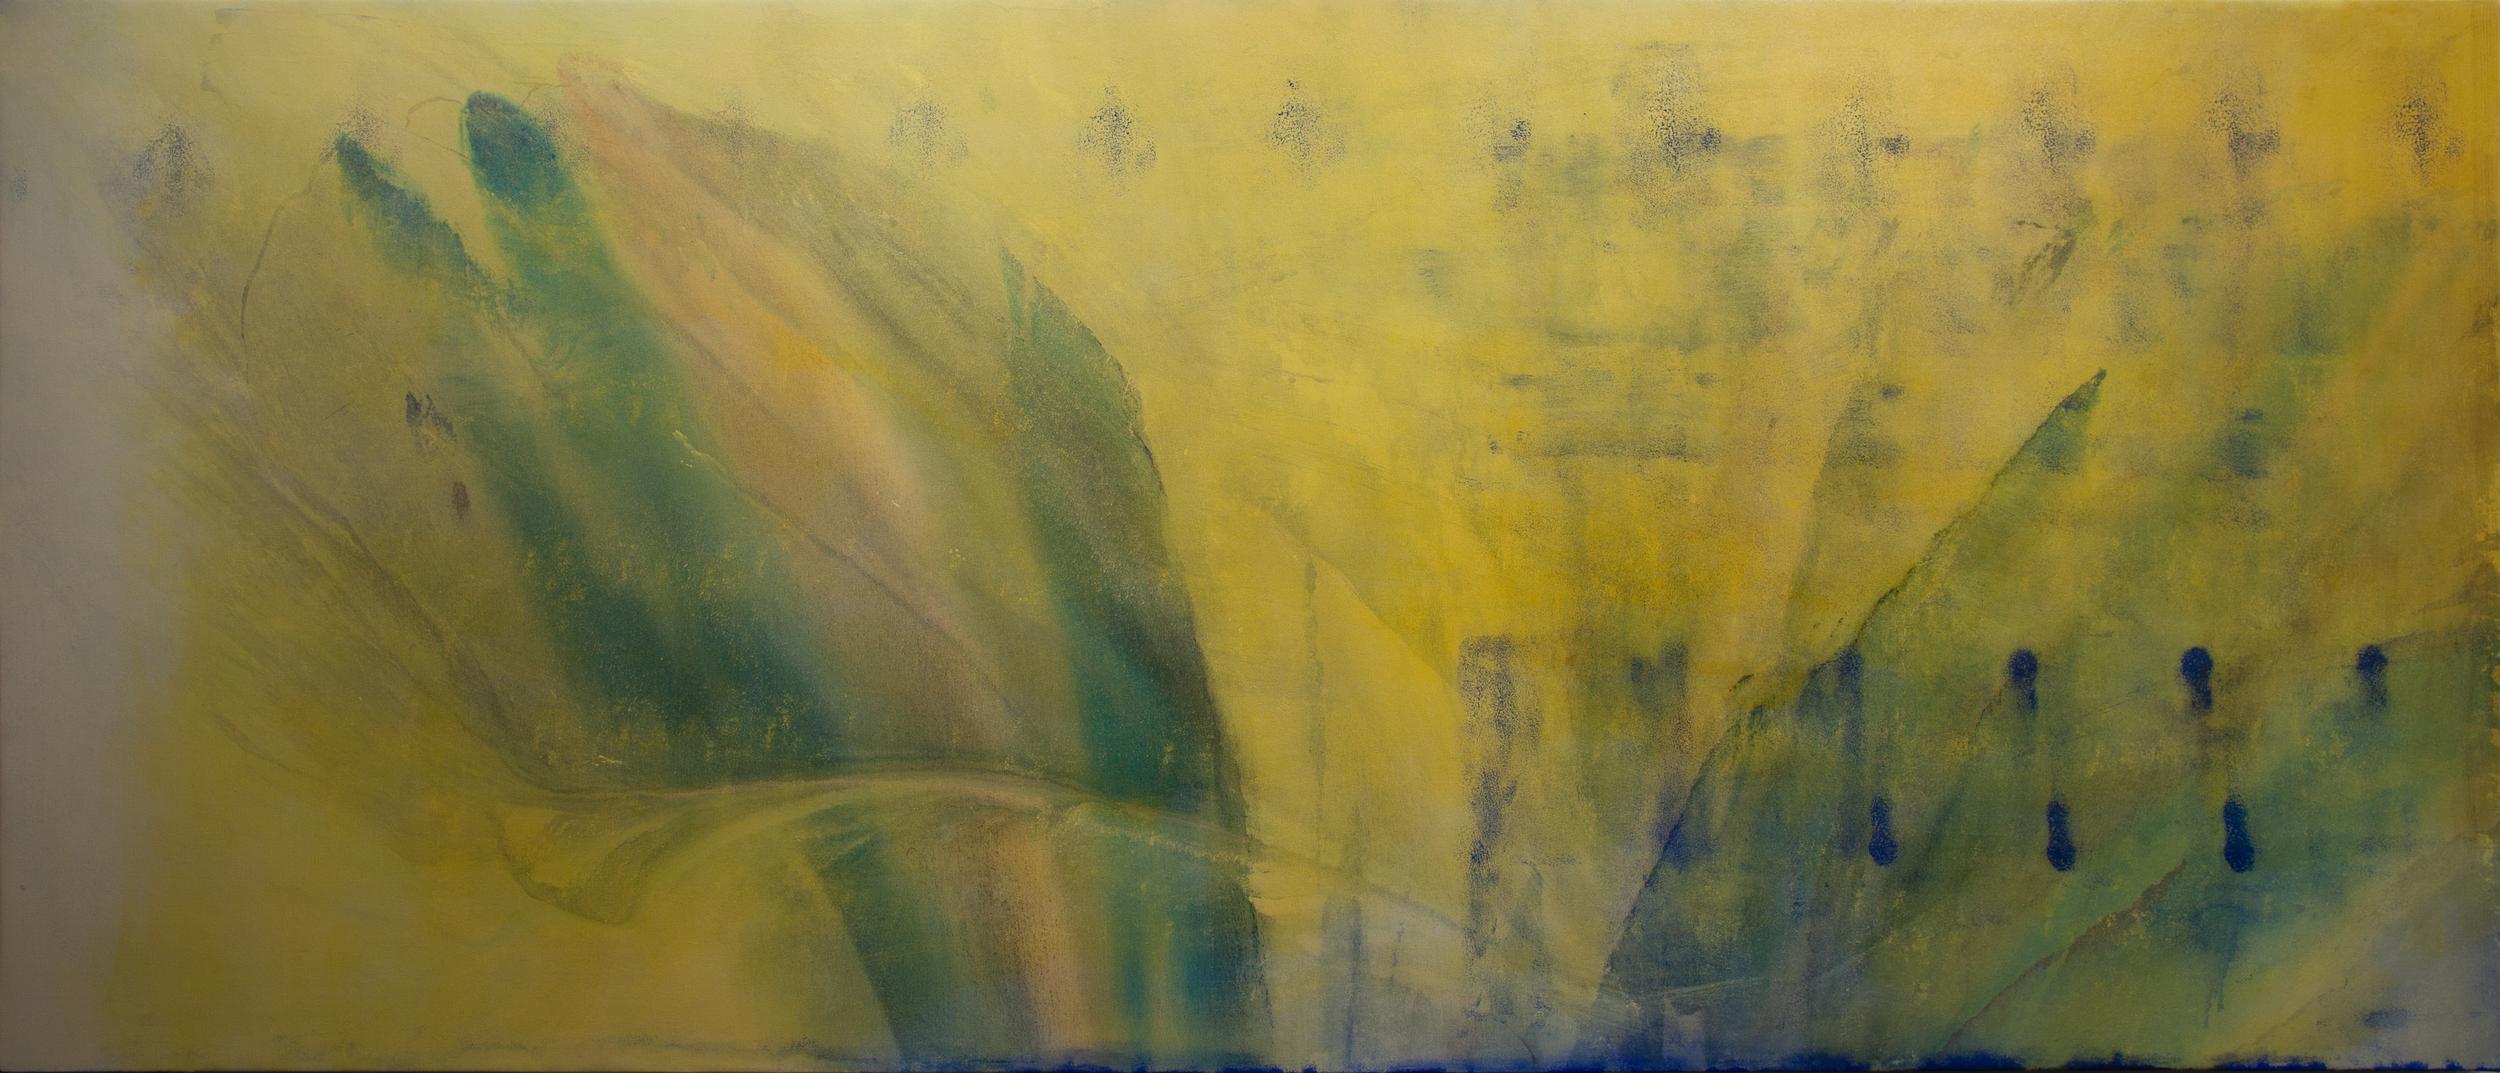 """Christian Worthington, 1337, Oil and Acrylic on Canvas, 105"""" x 45"""""""